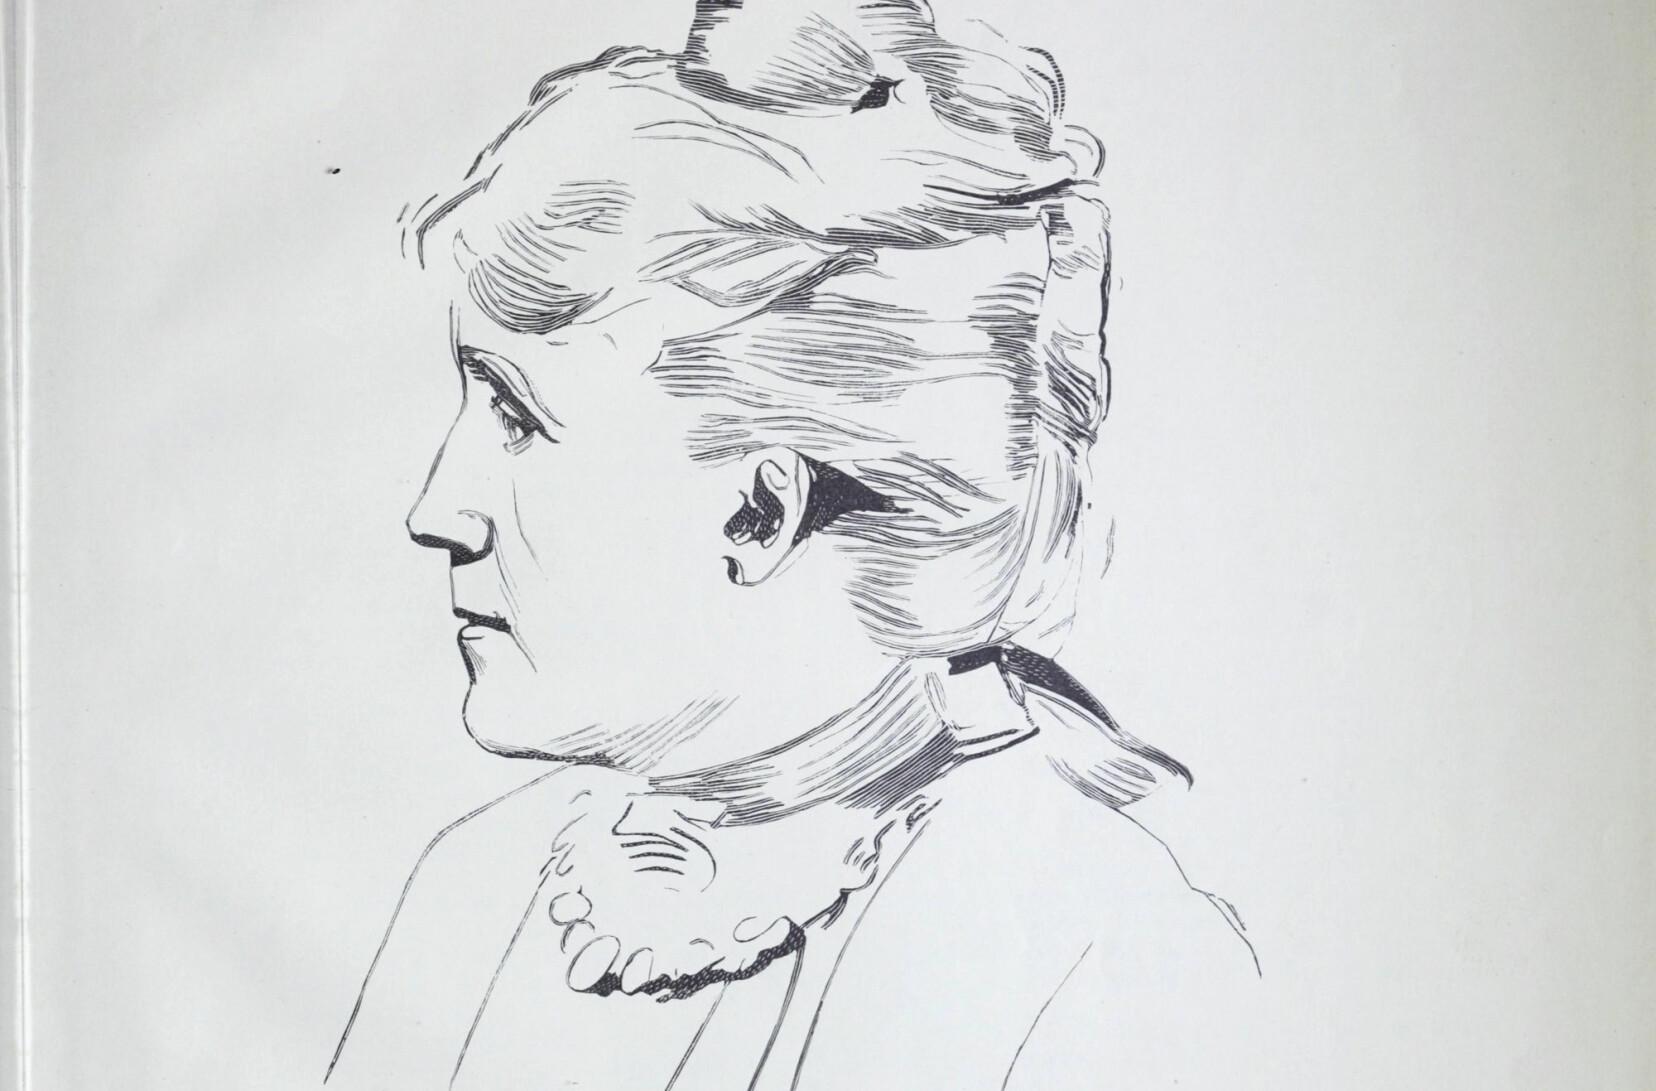 Erika Lie tegnet av Christian Krogh under et intervju i 1895. Hentet fra boken «12 af vore samtidige».